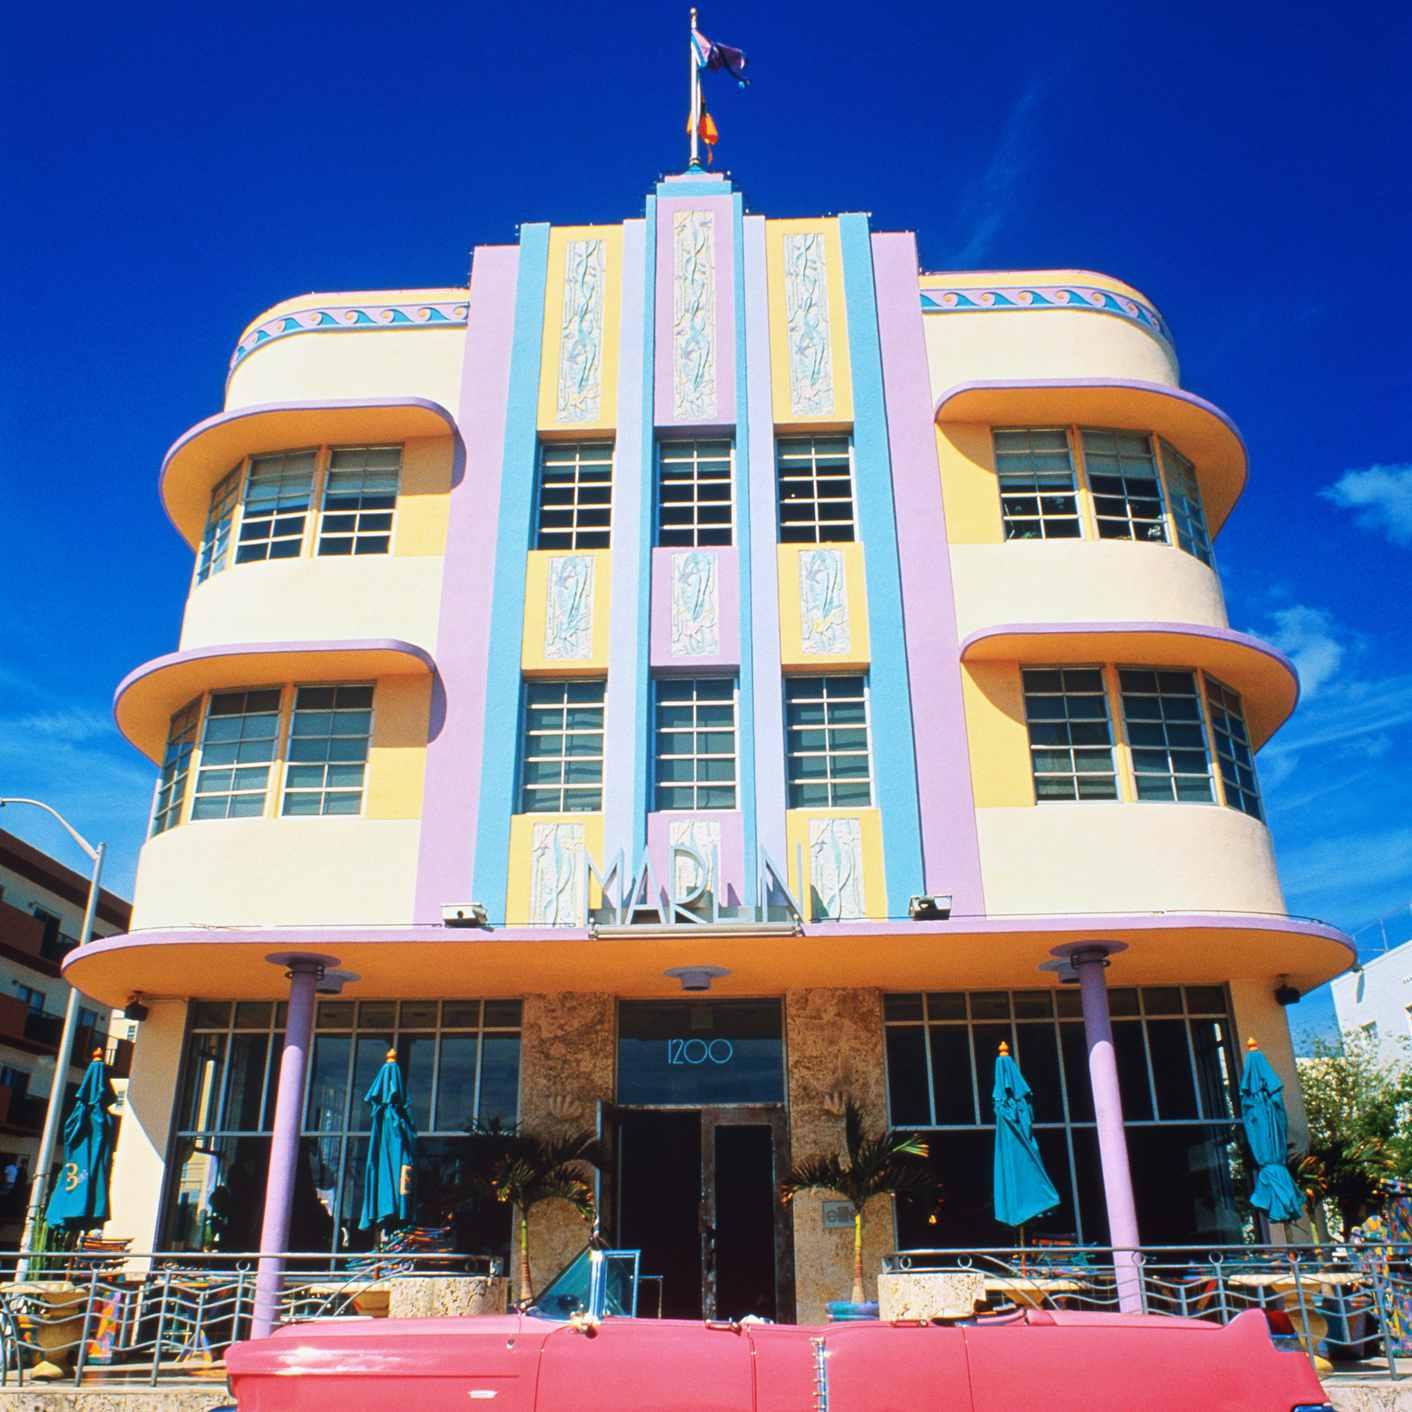 Estados Unidos, Florida, Miami Beach, edificio Art Decó, automóvil vintage rosa en primer plano